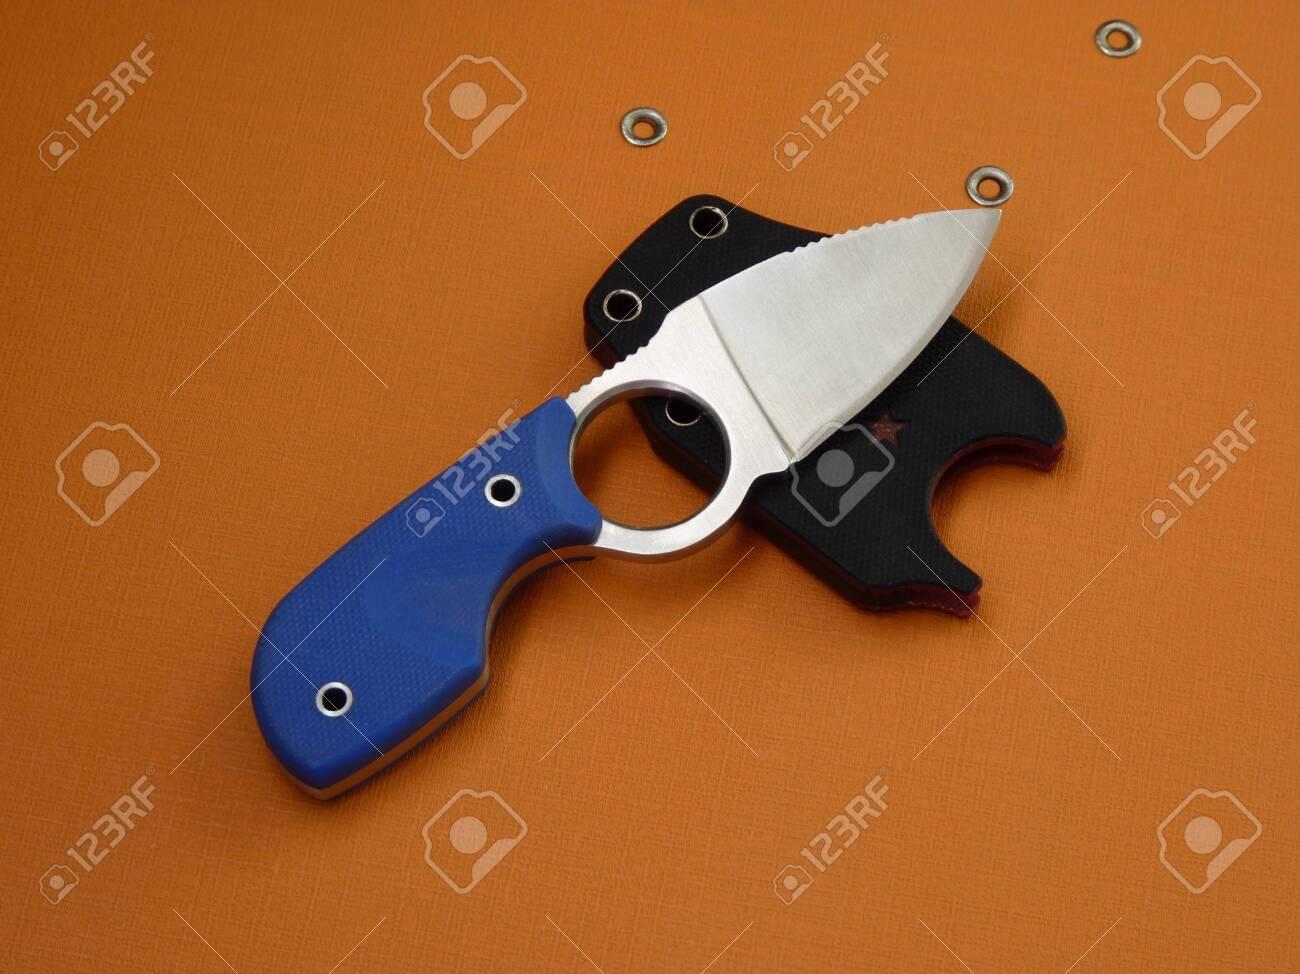 隠しを運ぶと、臨時雇いの小さなナイフ の写真素材・画像素材 Image ...